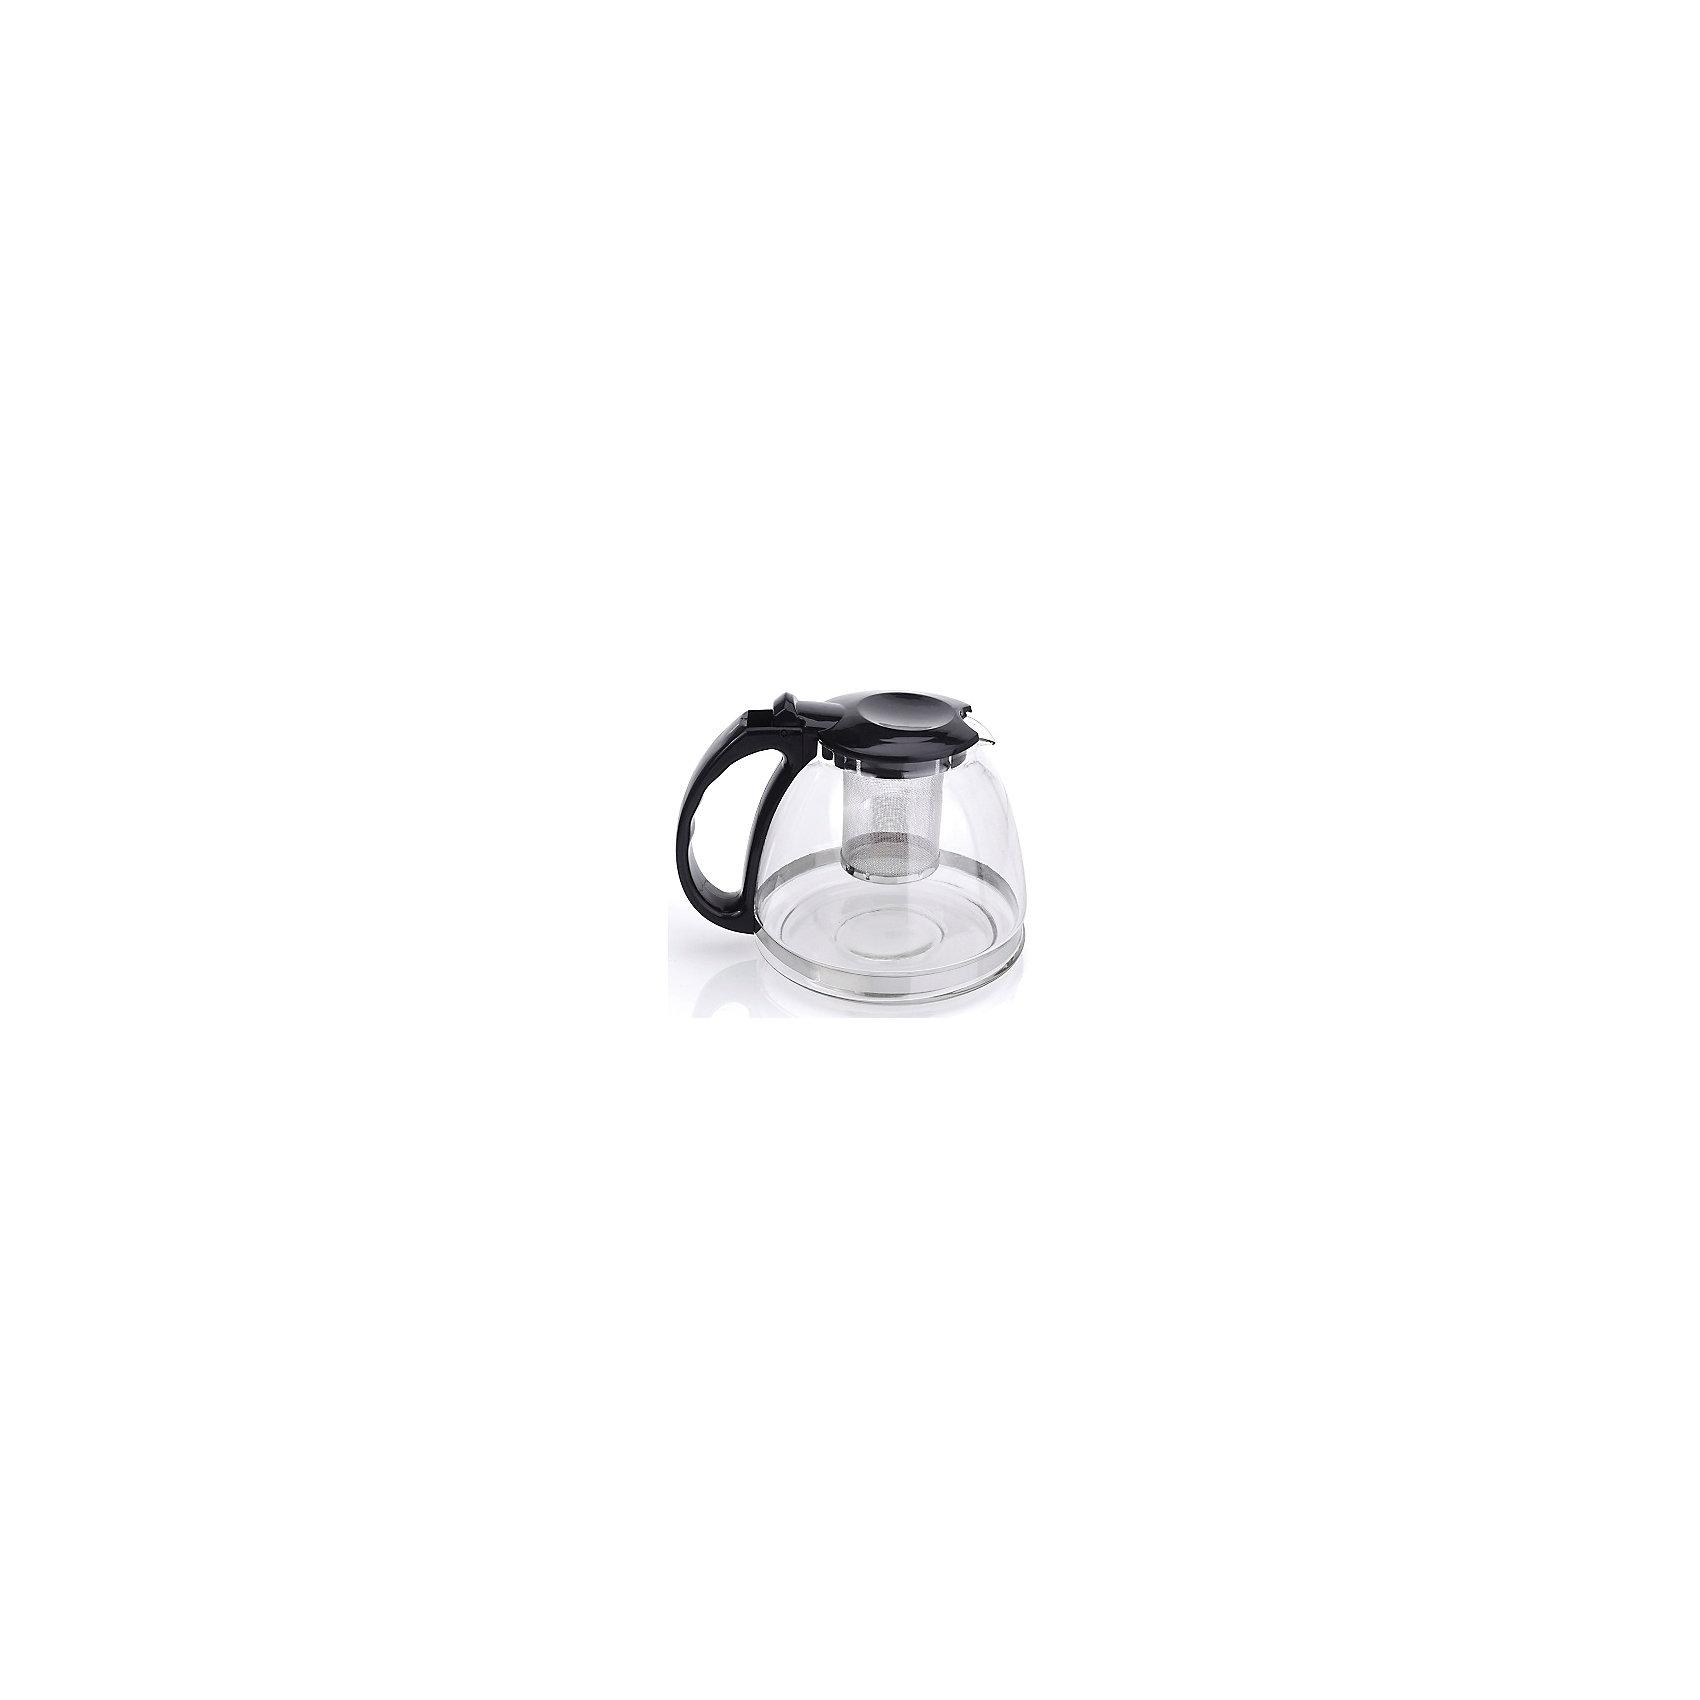 Чайник стеклянный 1300 мл, МФК-профит, черныйБытовая техника для кухни<br>Чайник стеклянный 1300 мл, МФК-профит, черный.<br><br>Характеристики:<br><br>• Объем: 1300 мл.<br>• Цвет: черный<br>• Материал: термостойкое стекло, нетоксичный пластик, нержавеющая сталь<br>• Размер упаковки: 18х15х16 см.<br>• Вес: 460 гр.<br><br>Заварочный чайник изготовлен из термостойкого стекла (термостойкость до 100 ?С), устойчив к появлению царапин и сколов, не мутнеет и не впитывает запахов. Крышка из пластика и съемный фильтр для заваривания из нержавеющей стали долговечны и удобны в уходе. Чайник оснащён удобной не нагревающейся ручкой. Форма края носика препятствует образованию подтеков. Практичный и удобный стеклянный чайник поможет Вам приготовить крепкий, ароматный чай. Заварочный чайник рекомендуется мыть вручную с применением жидких моющих средств.<br><br>Чайник стеклянный 1300 мл, МФК-профит, черный можно купить в нашем интернет-магазине.<br><br>Ширина мм: 180<br>Глубина мм: 150<br>Высота мм: 160<br>Вес г: 460<br>Возраст от месяцев: 36<br>Возраст до месяцев: 1188<br>Пол: Унисекс<br>Возраст: Детский<br>SKU: 5601146